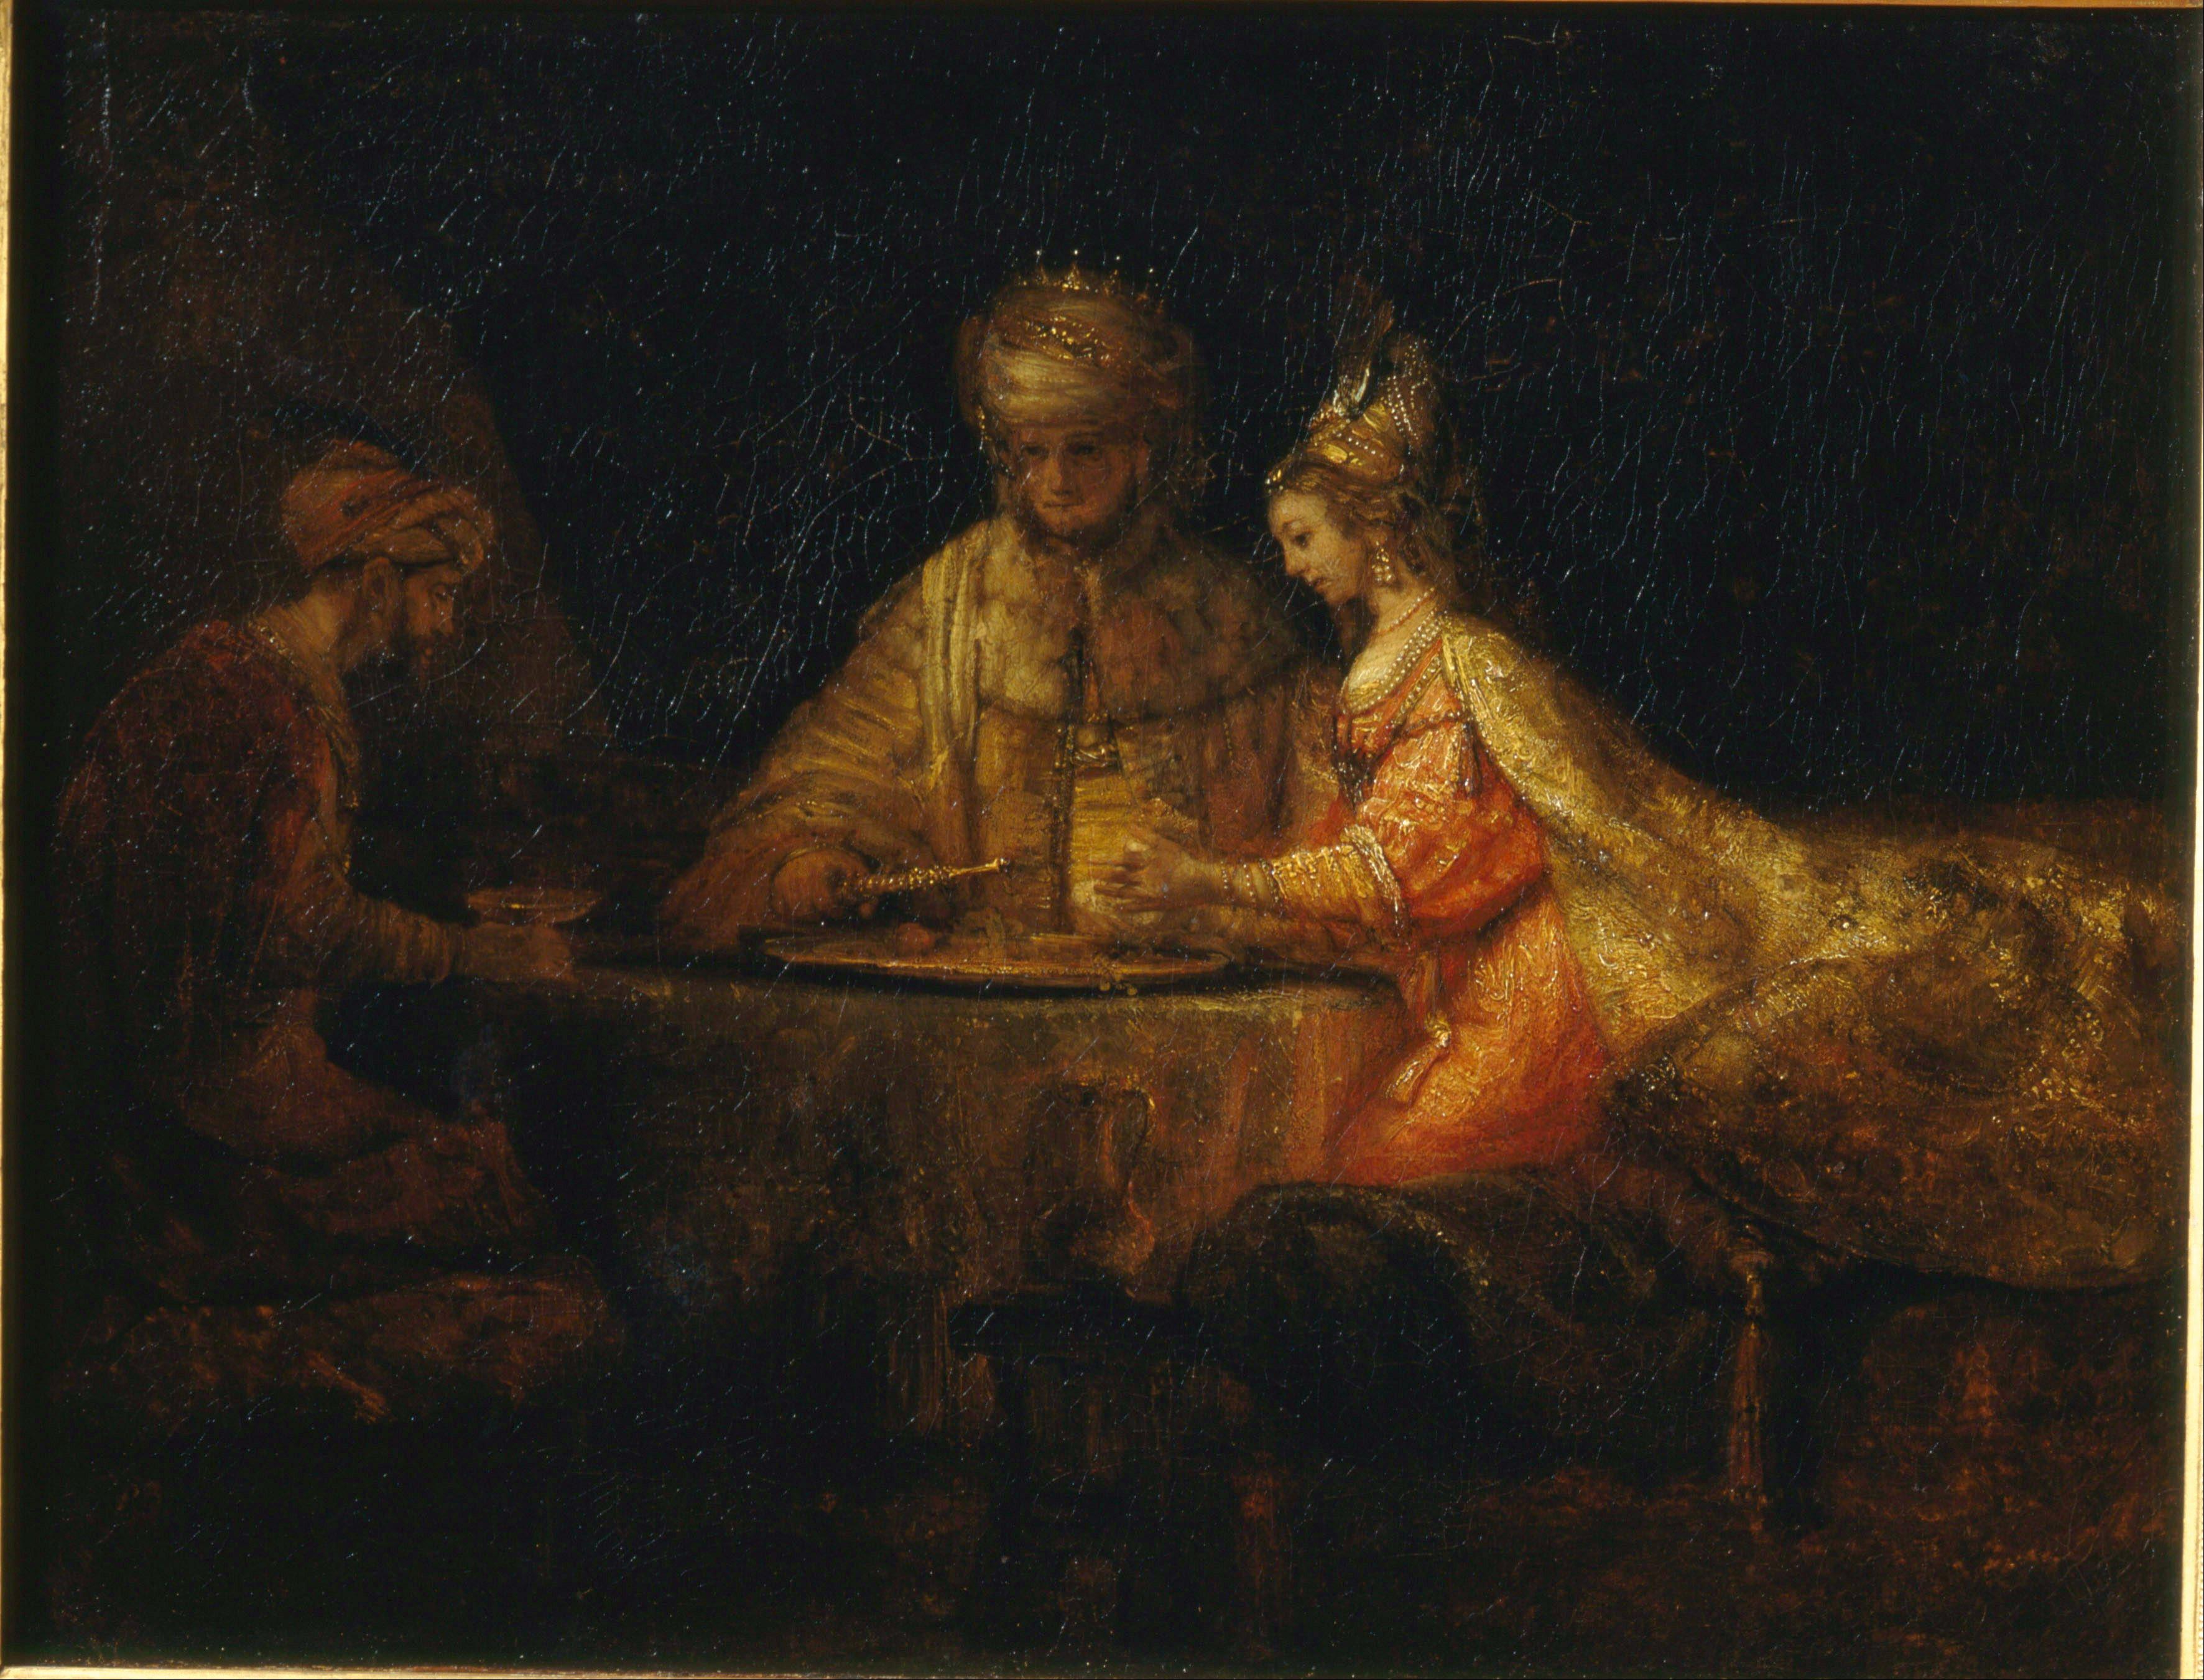 Königin Esther nach einem Gemälde von Rembrandt